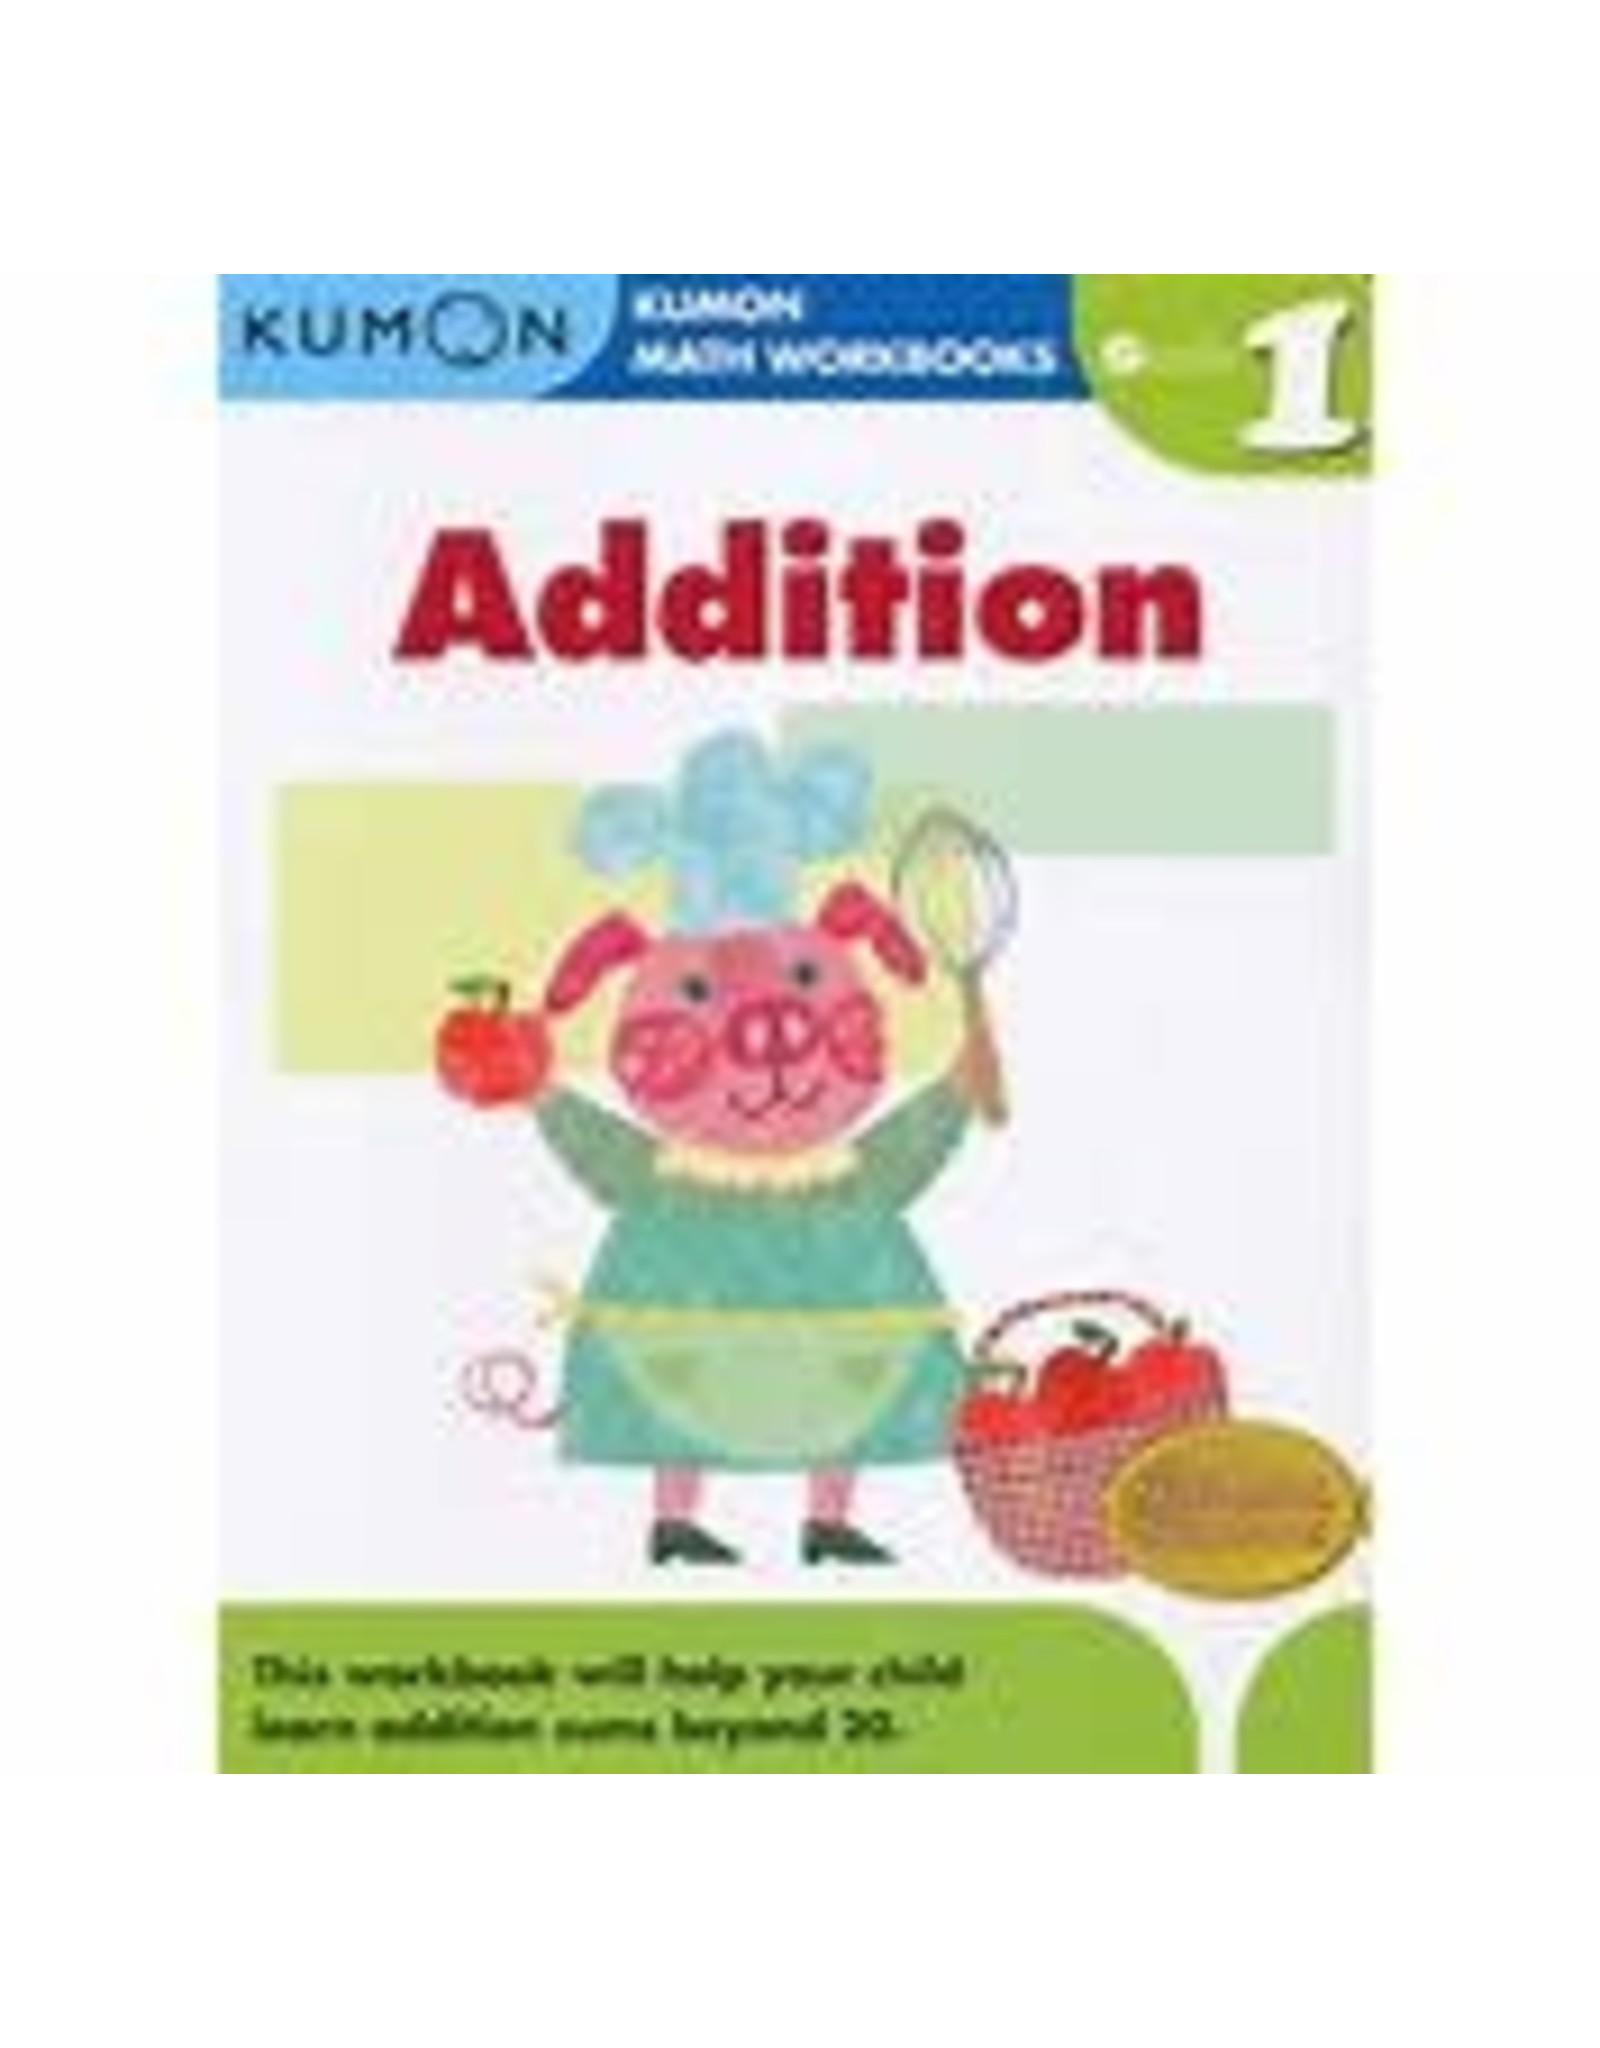 Kumon Grade 1 Addition